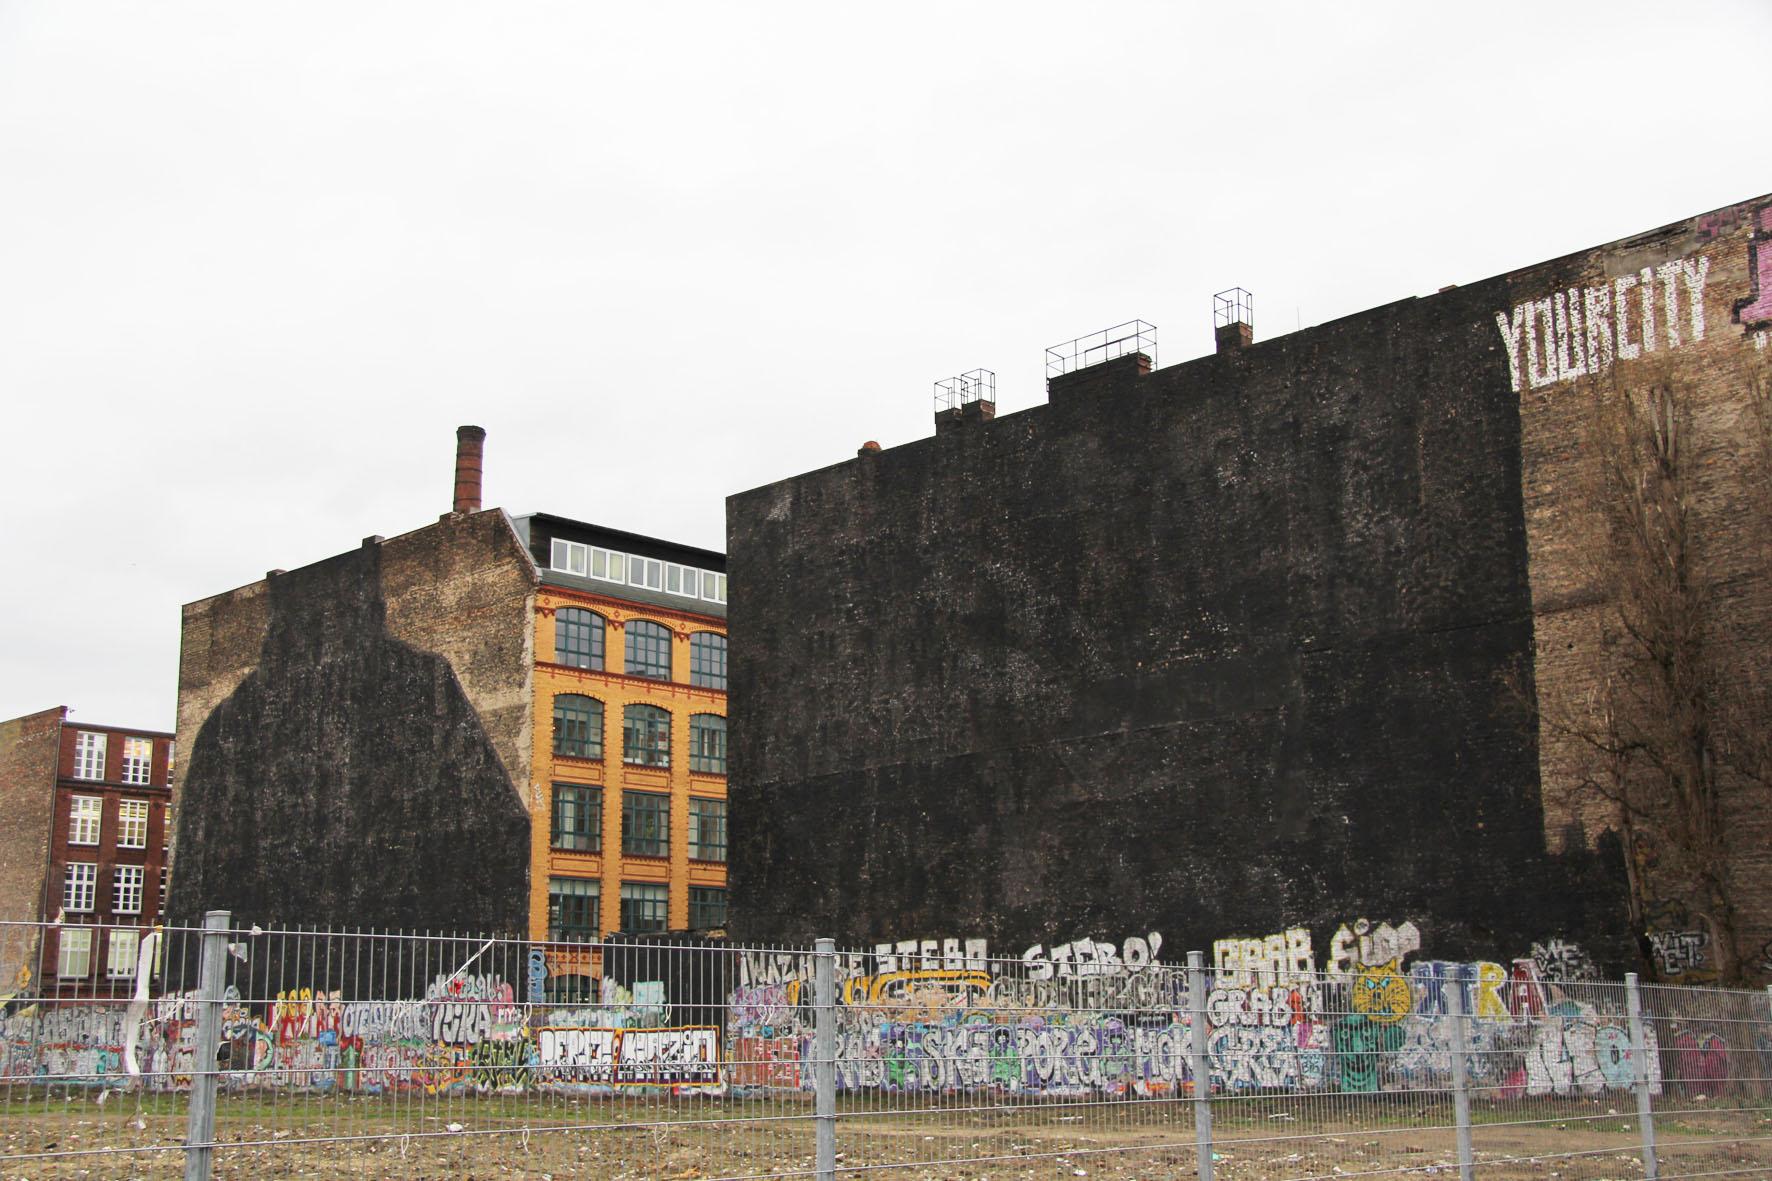 Le opere di Blu a Kreuzberg, dopo la cancellazione dell'arista